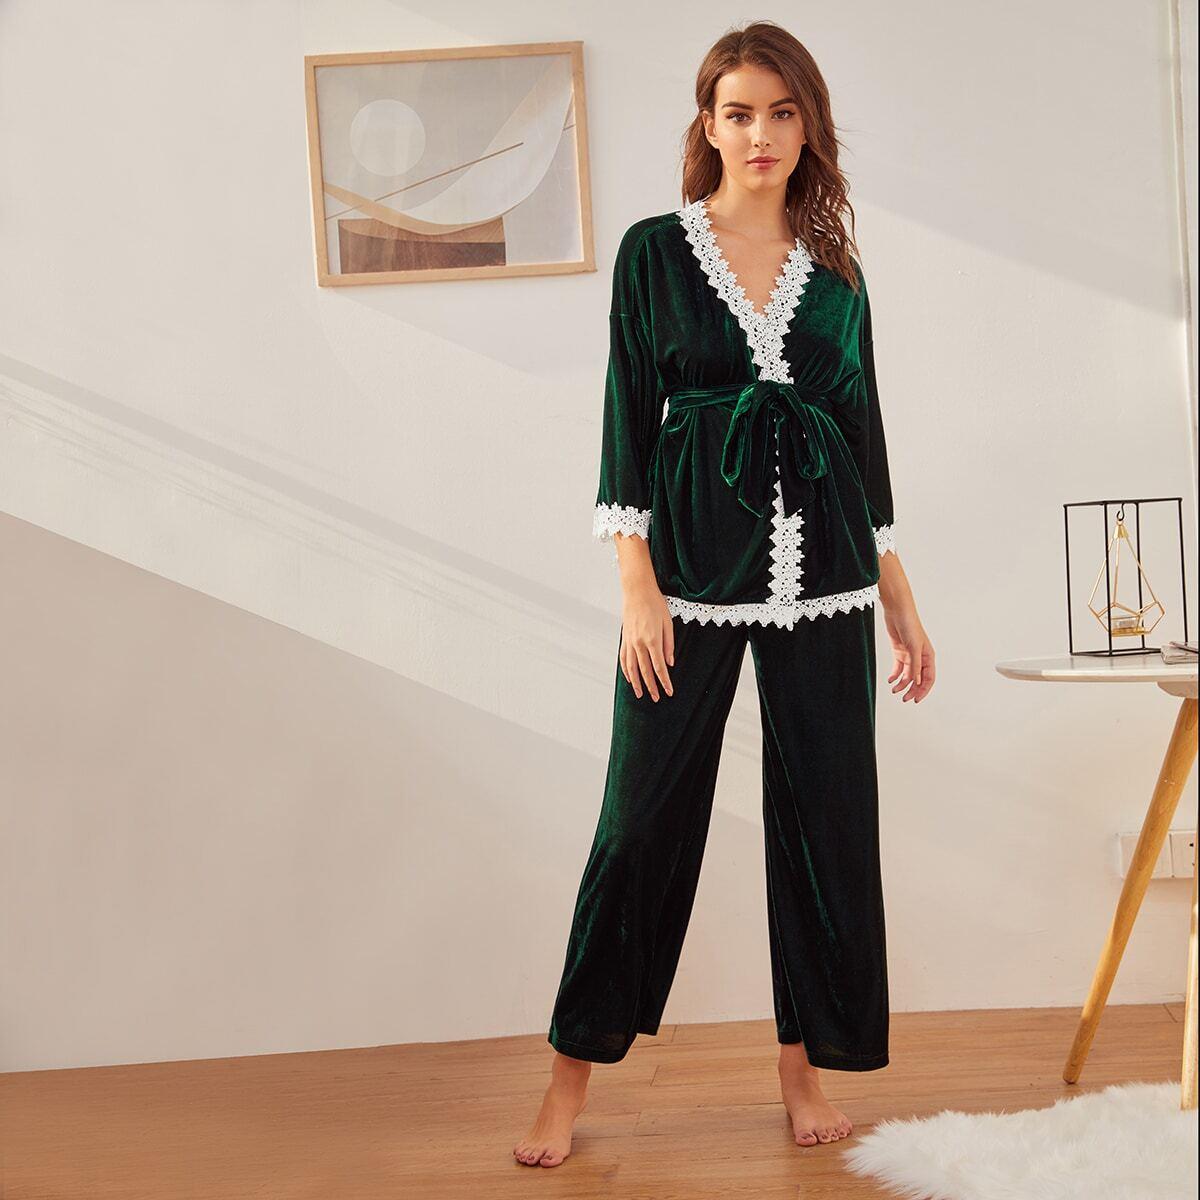 Samt Robe mit Spitzen, Gürtel und Hosen PJ Set